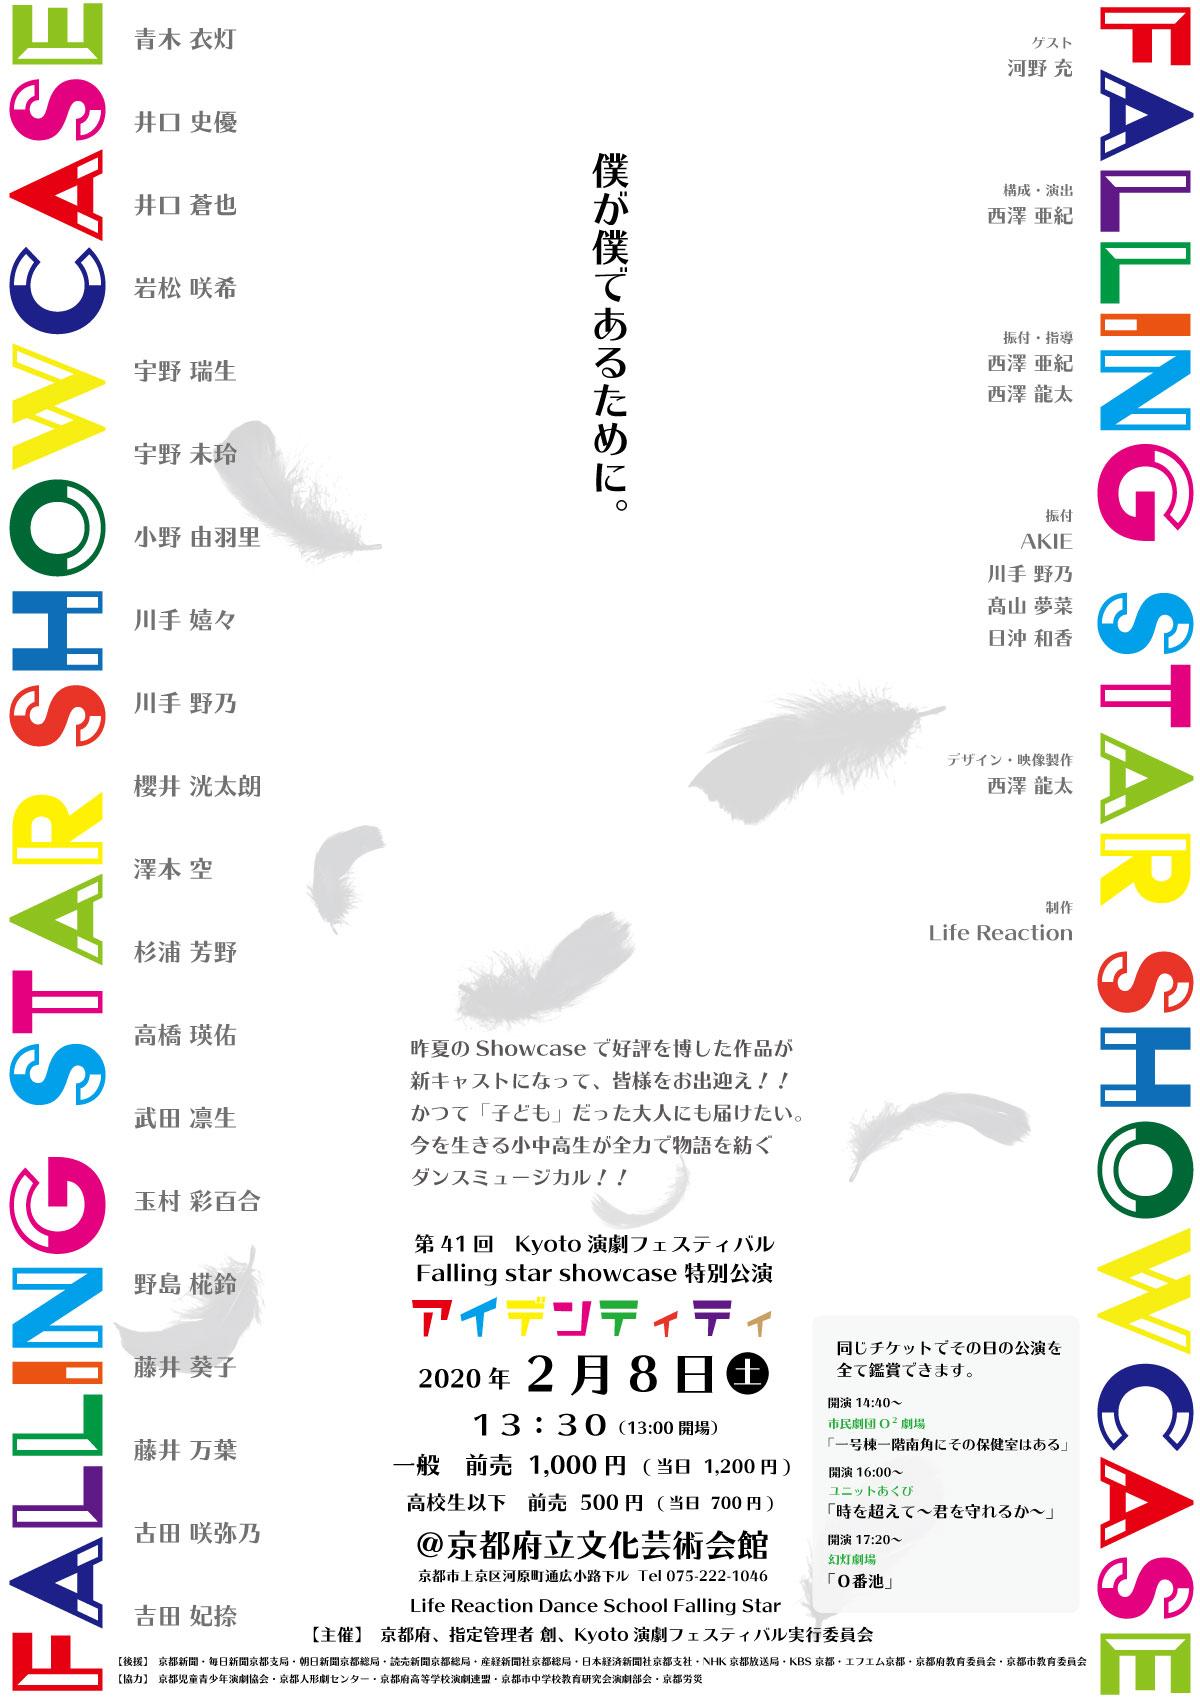 2020演劇フェスフライヤー表02